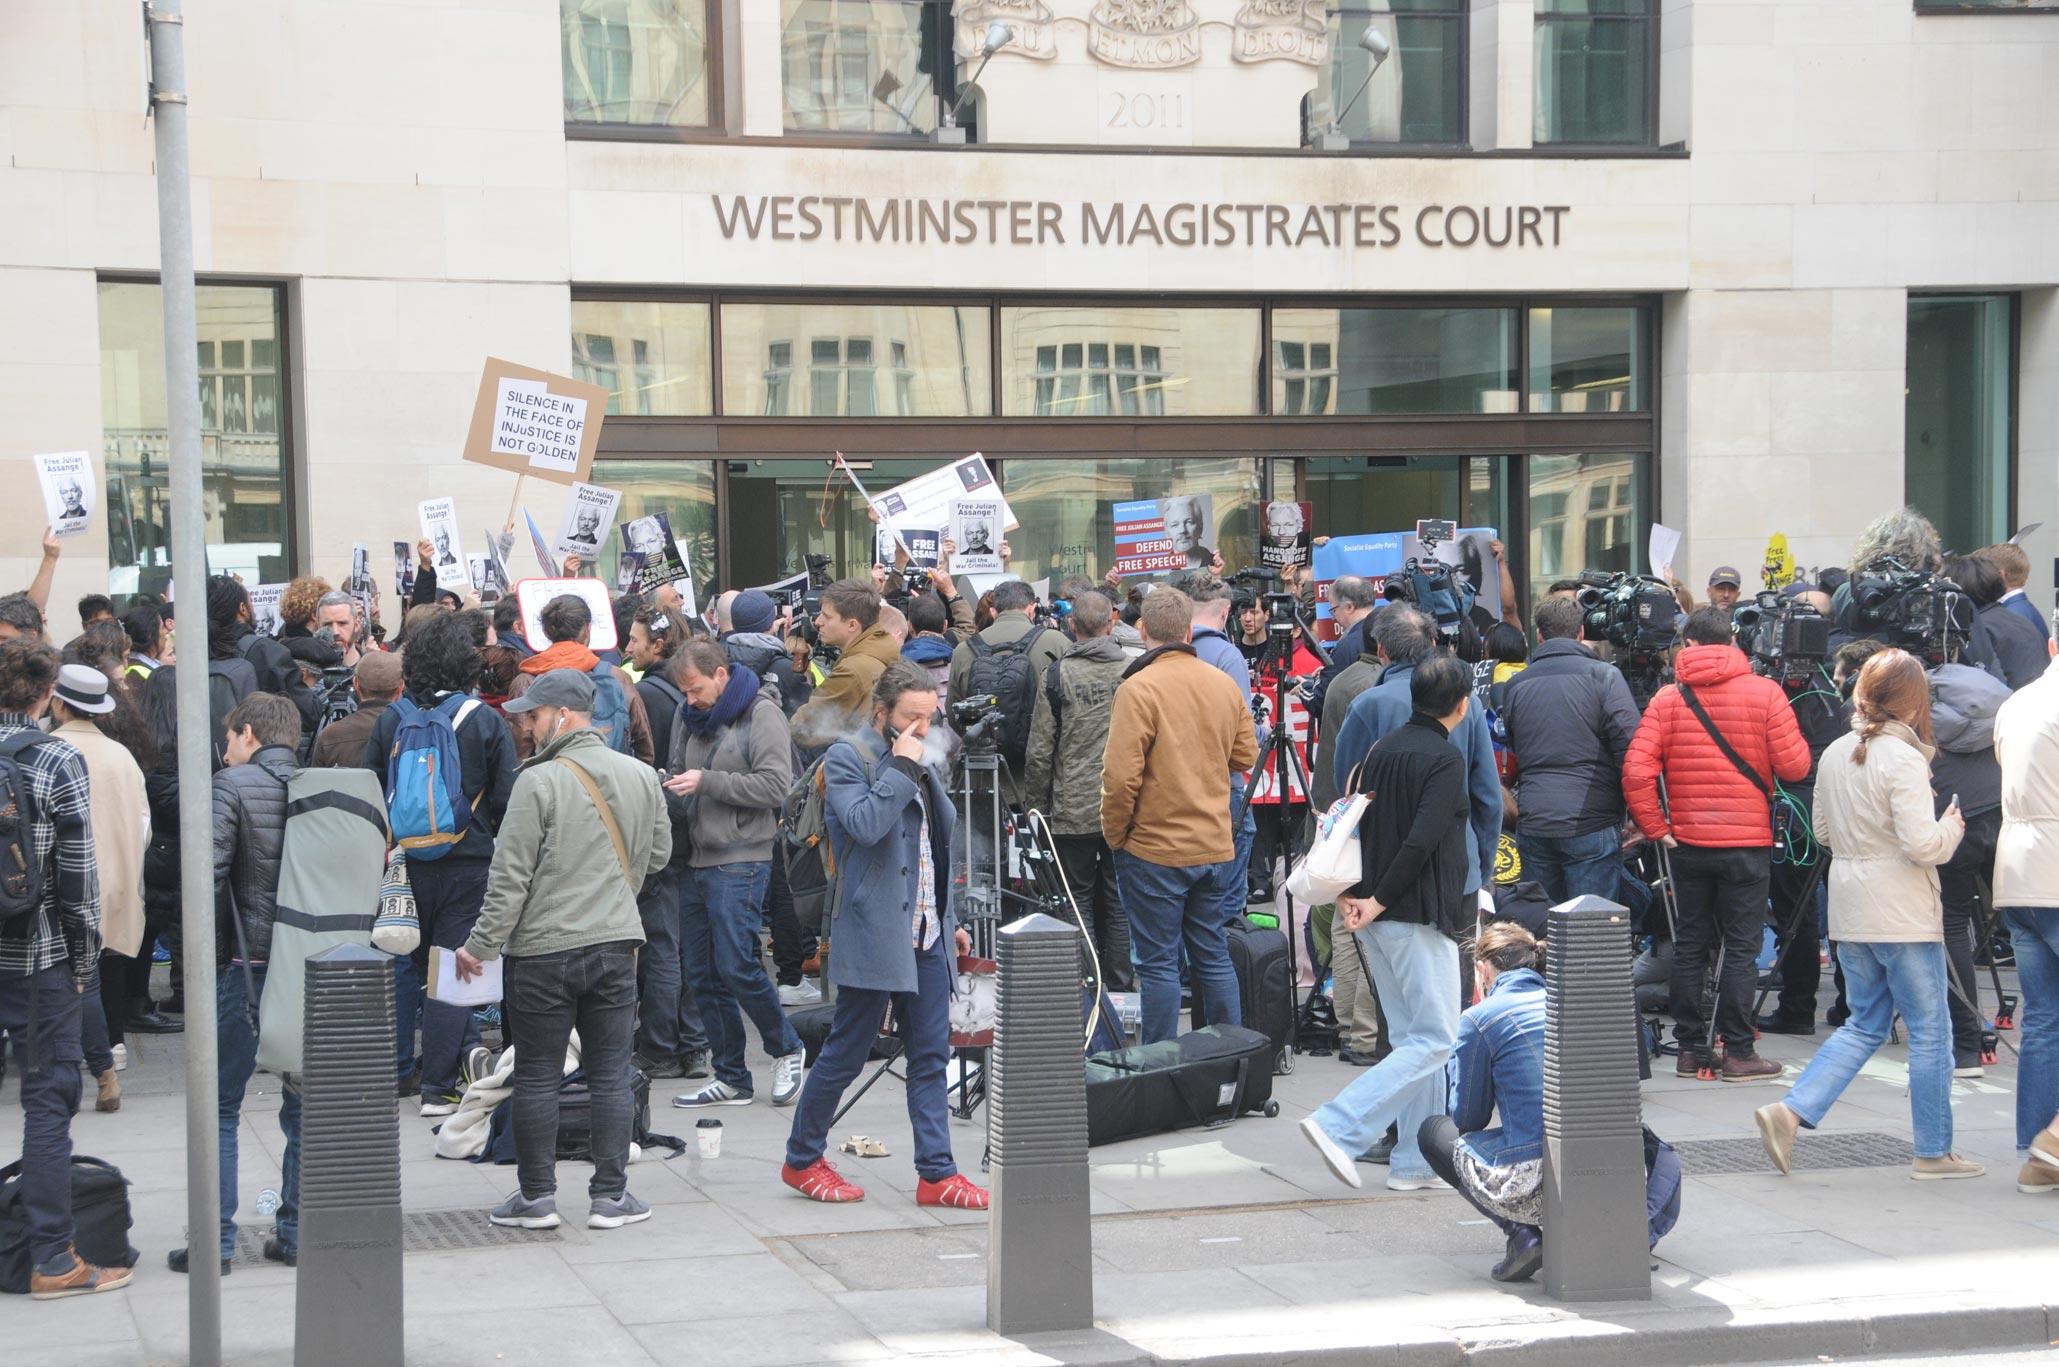 entscheidung-uber-julian-assanges-auslieferung-an-die-usa-vertagt